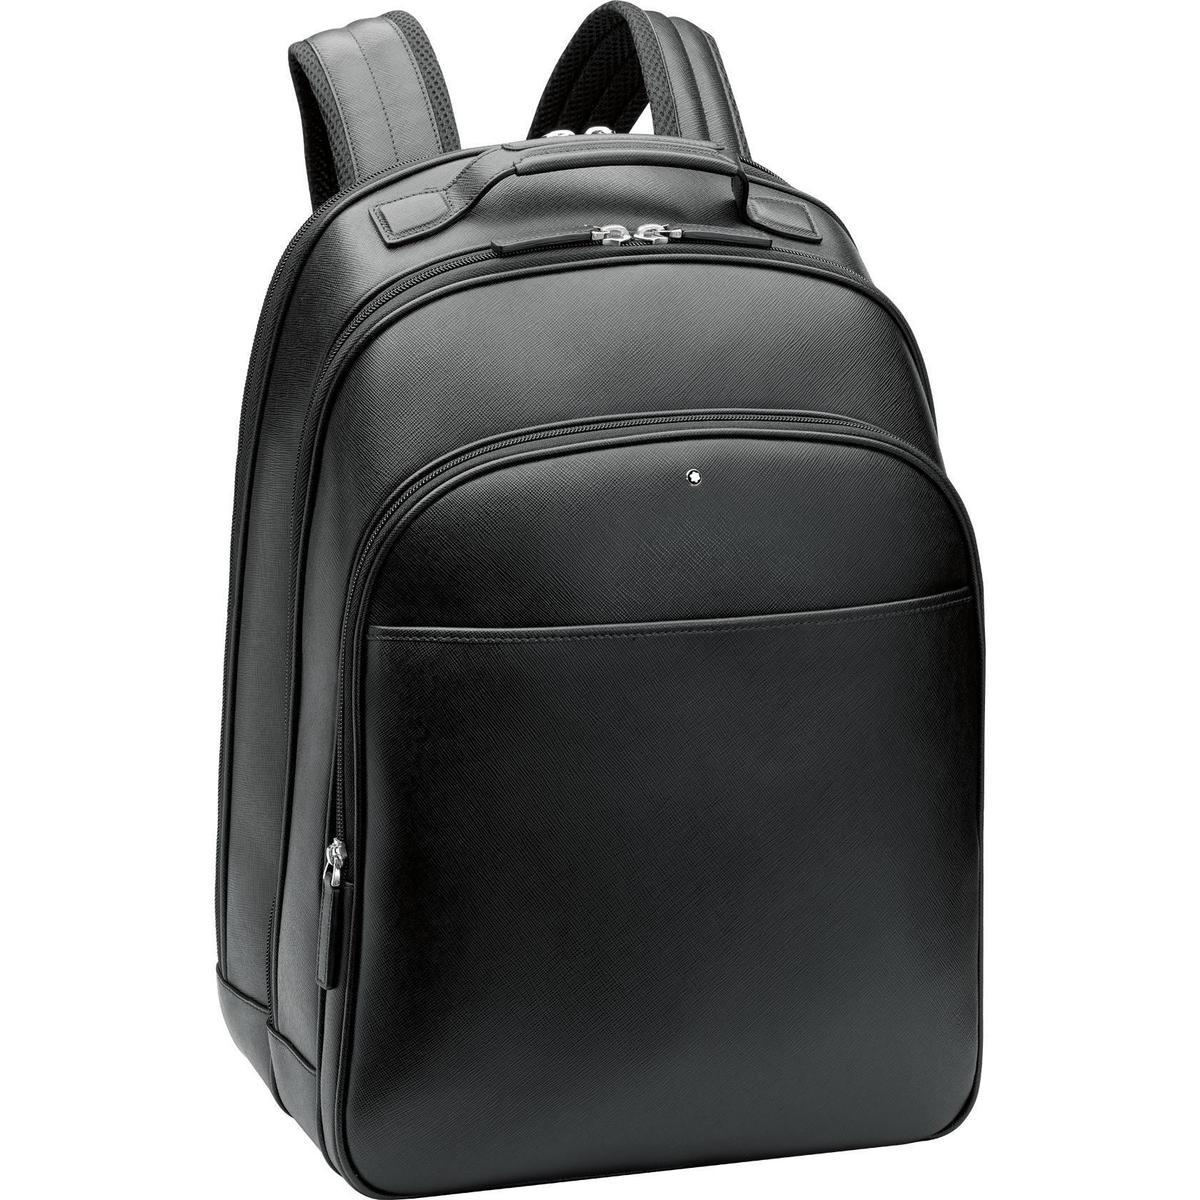 萬寶龍匠心系列黑色大型後背包。NT$31,900(萬寶龍提供)